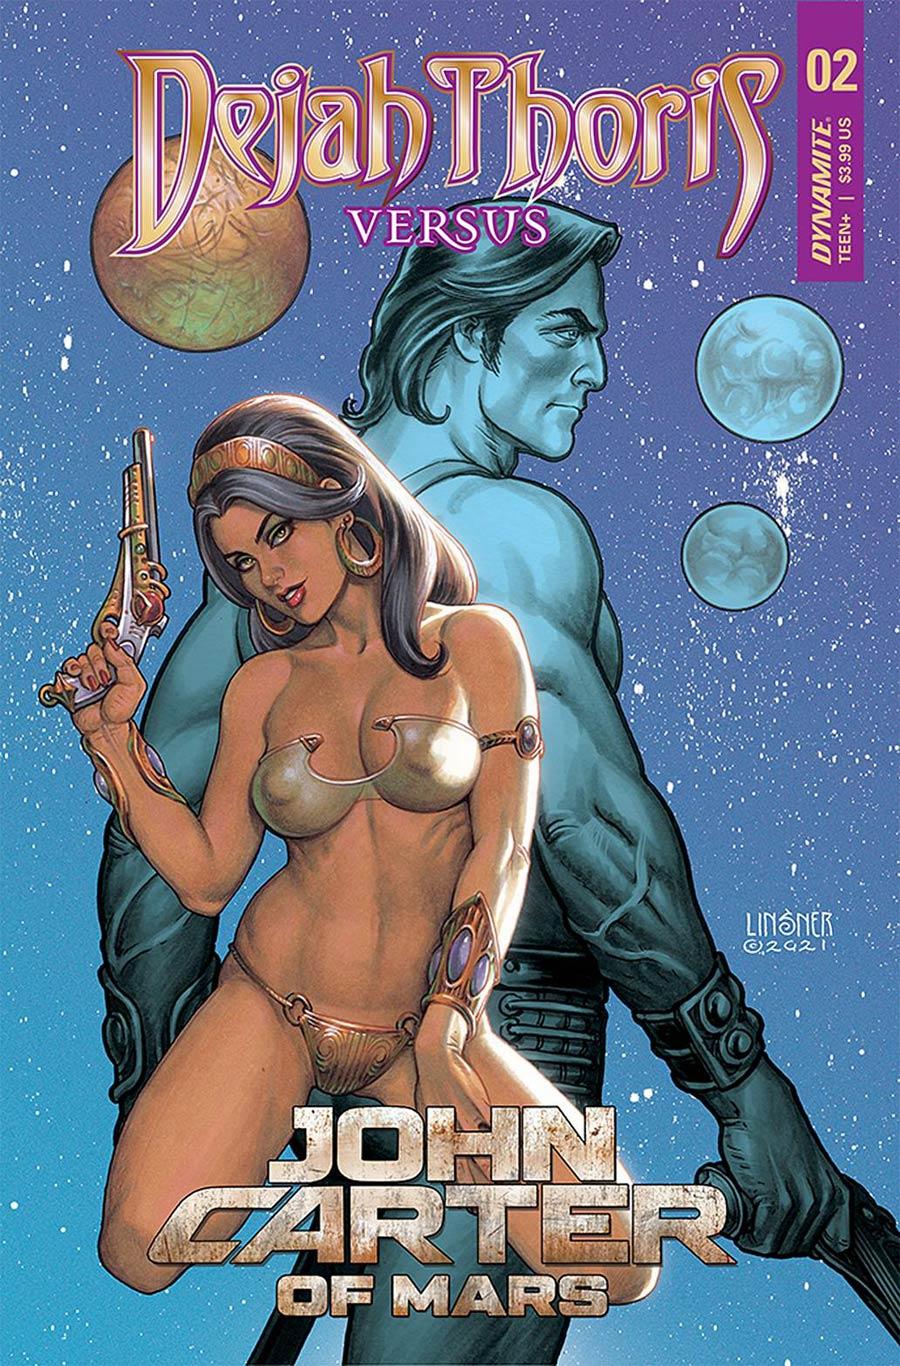 Dejah Thoris Versus John Carter Of Mars #2 Cover B Variant Joseph Michael Linsner Cover